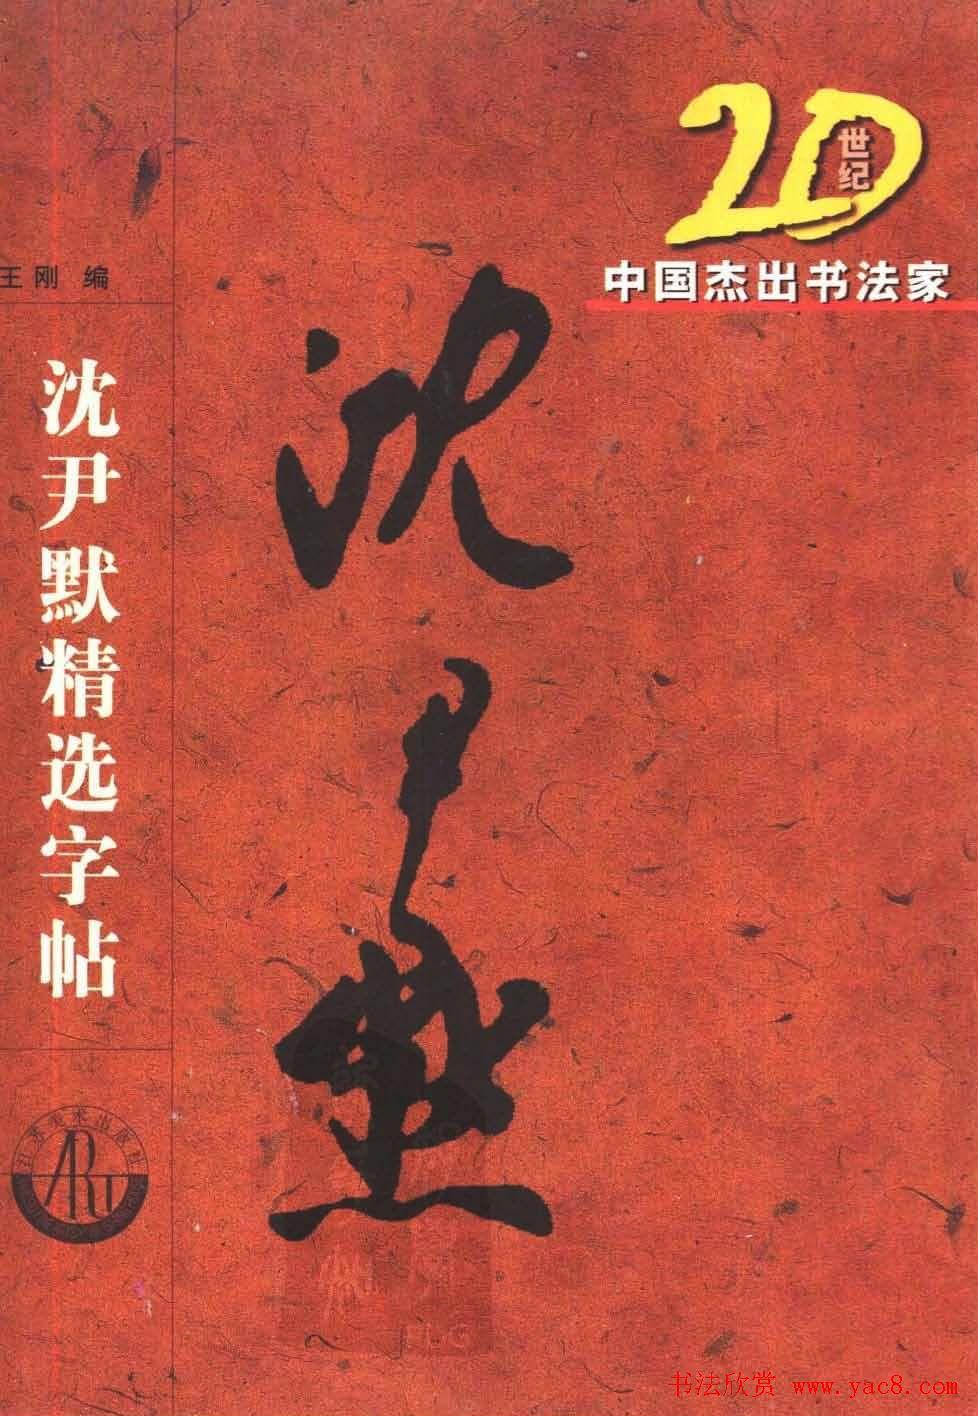 20世纪中国杰出书法家沈尹默精选字帖